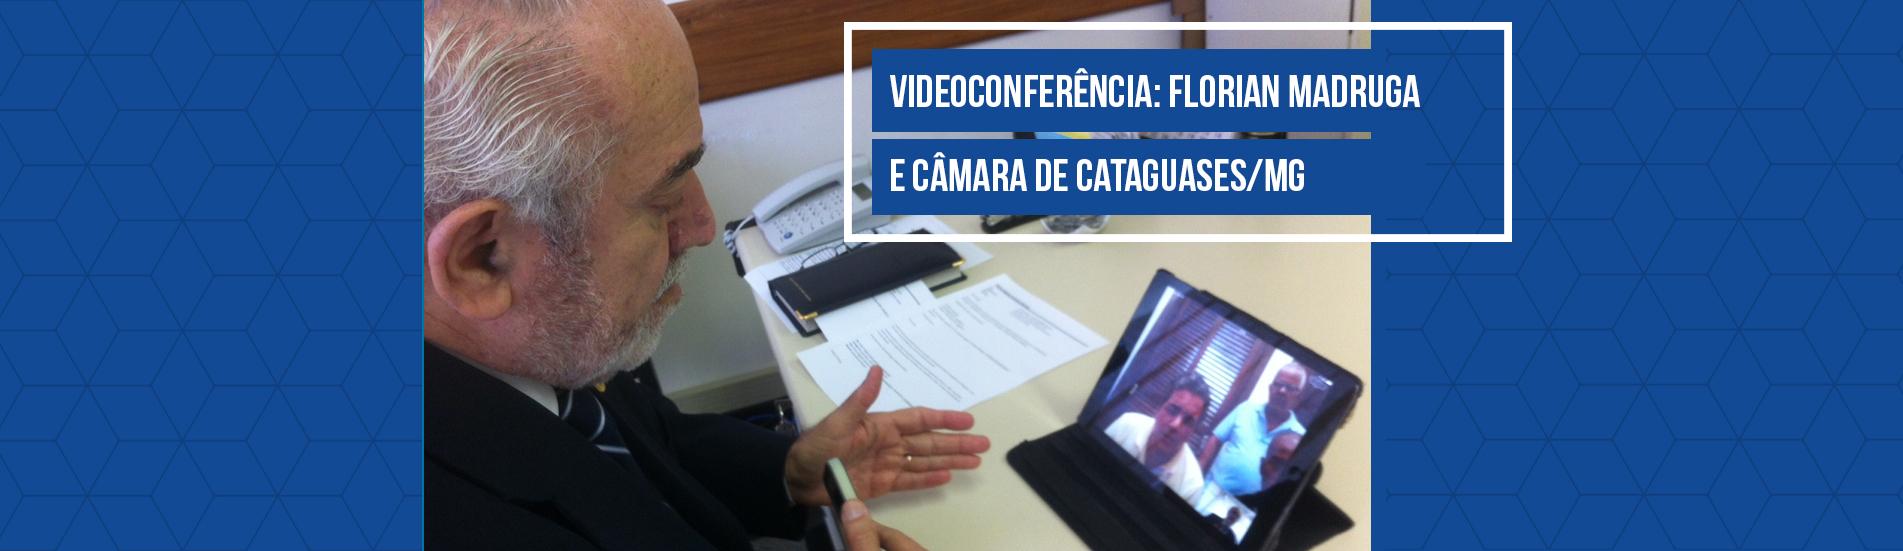 abel-banner-videoconferencia